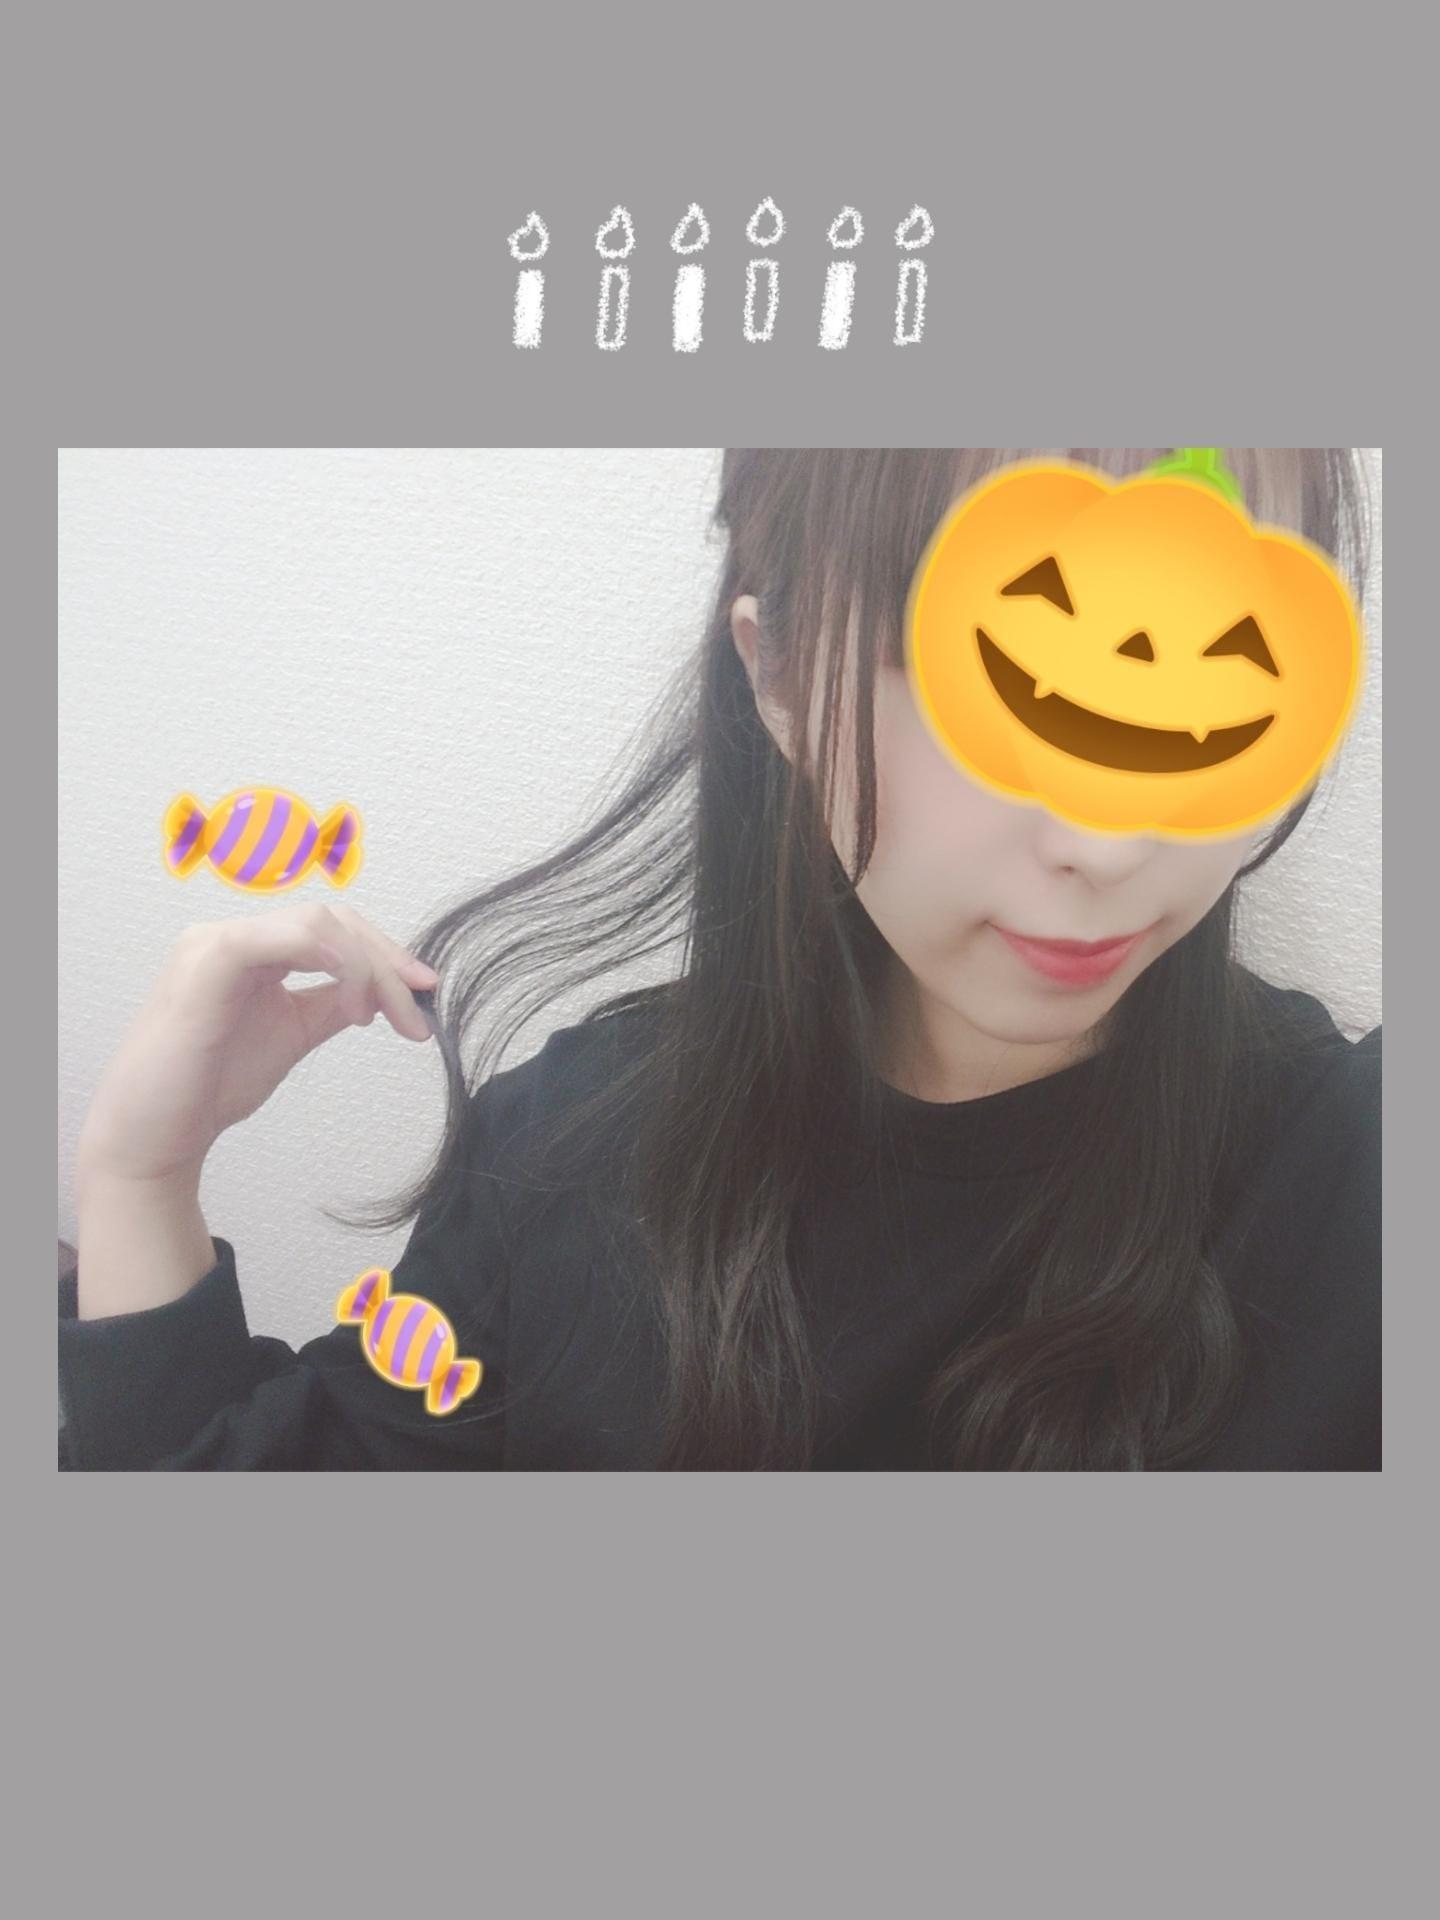 「出勤しました♪」10/01(木) 22:57   片桐のぞみの写メ・風俗動画